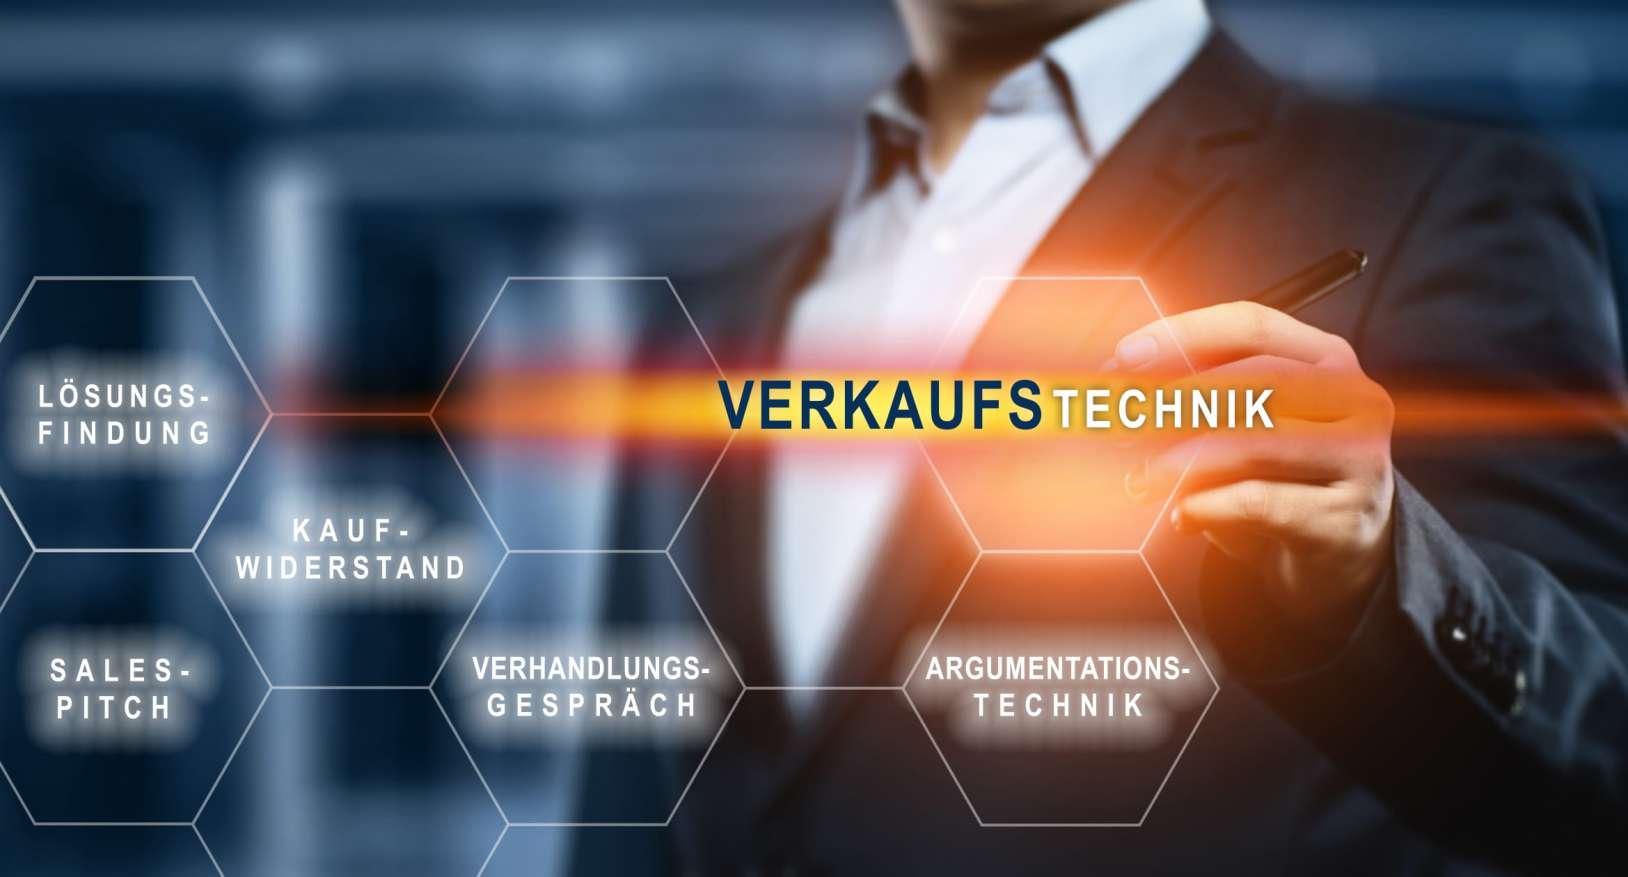 Mit individuellen Verkaufstechniken im Technischen Vertrieb Kunden begeistern und zielsicher Geschäfte abschließen